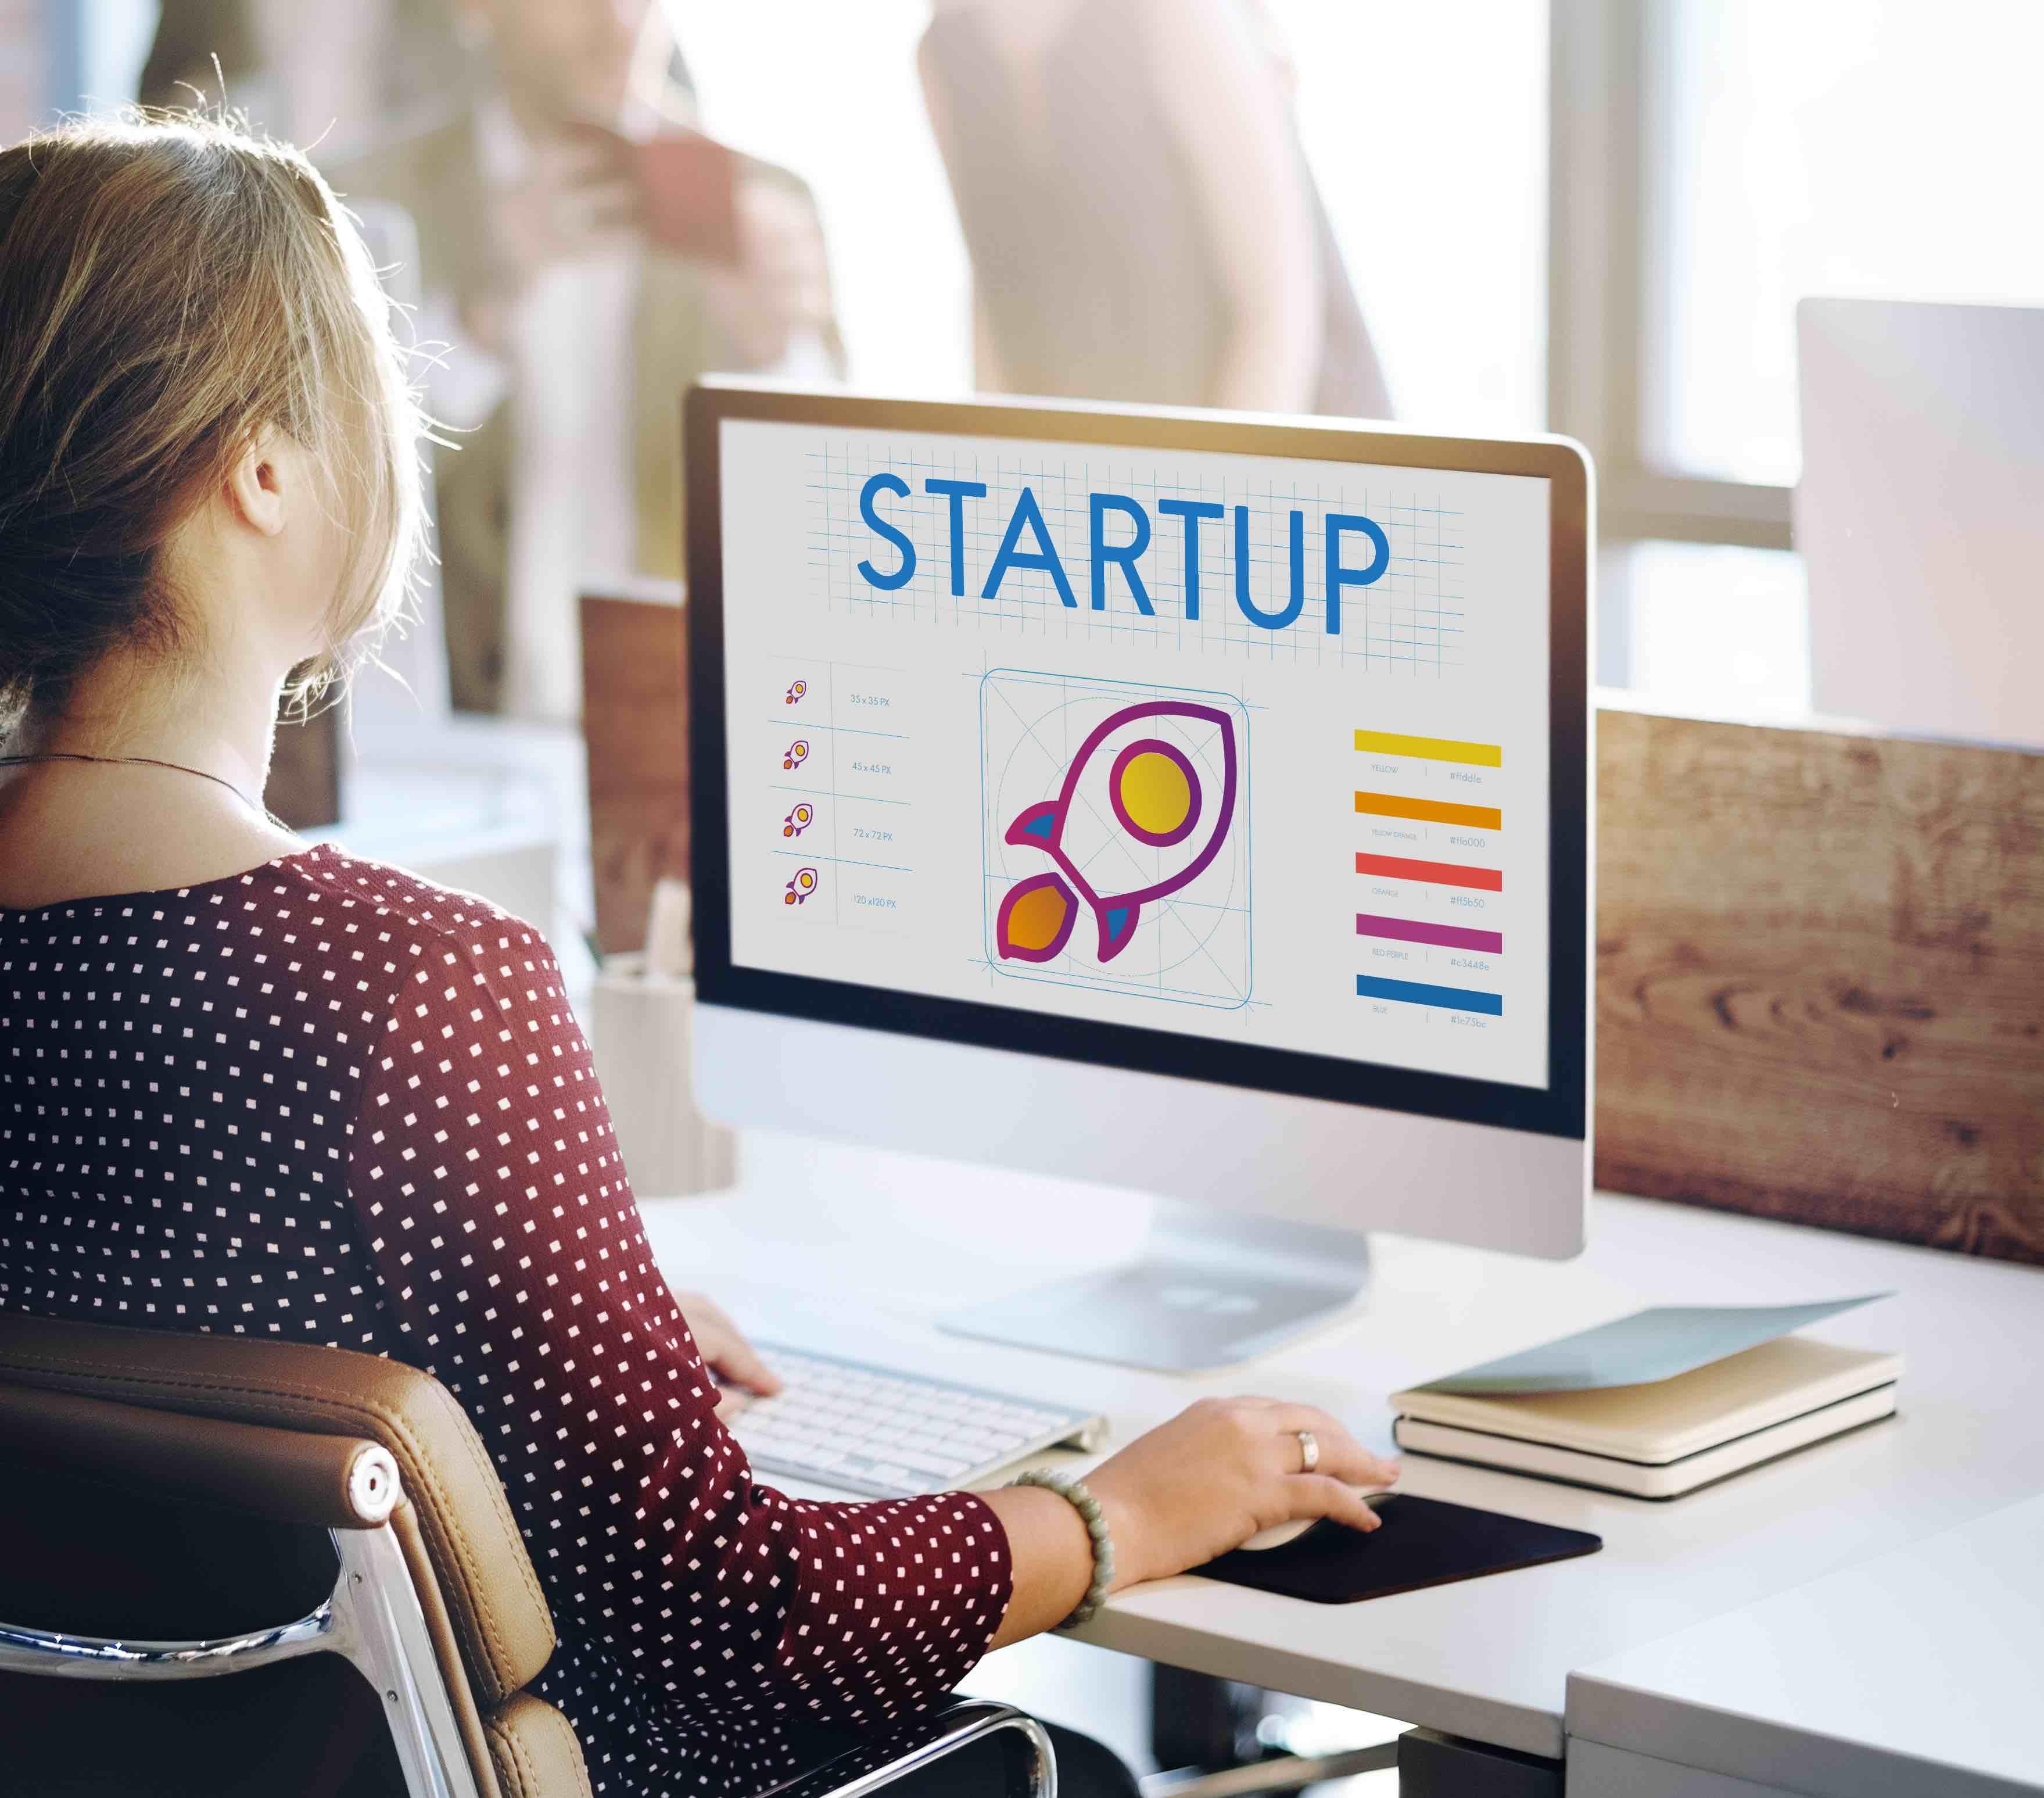 imagen de mujer trabajando en validar su idea de negocio